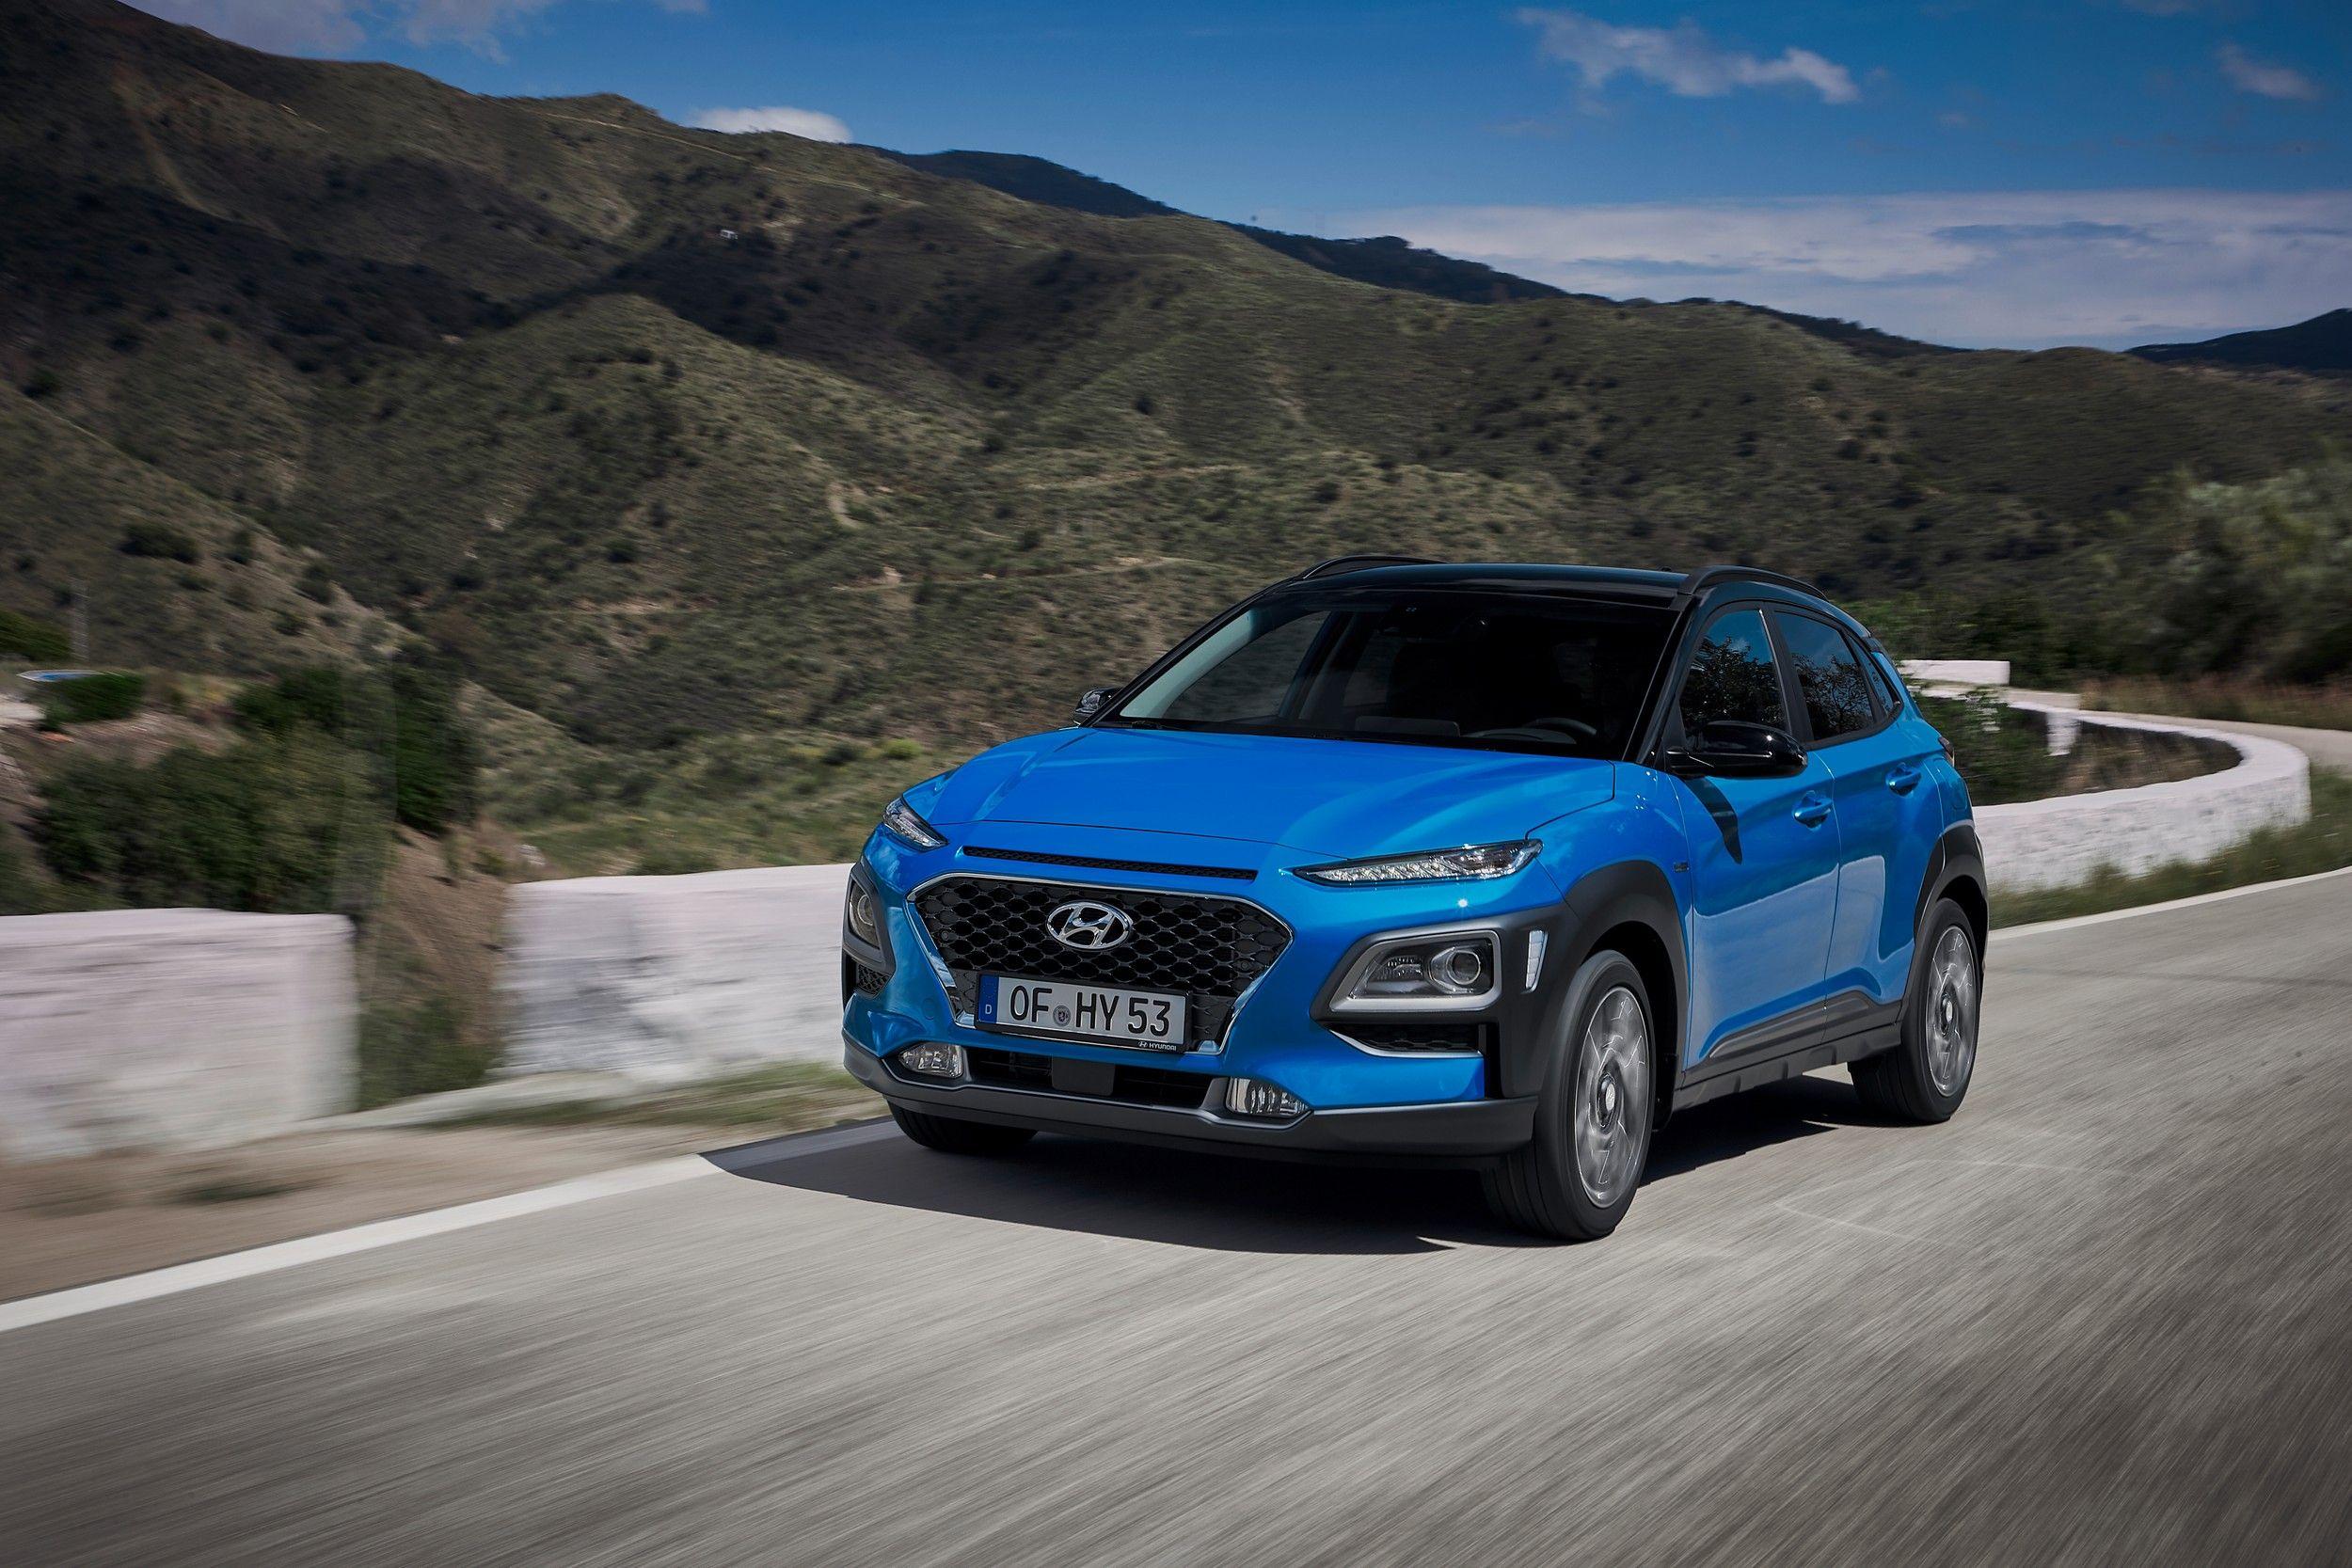 Nuova Hyundai Kona Hybrid Tutte Le Caratteristiche E Prezzo Promo